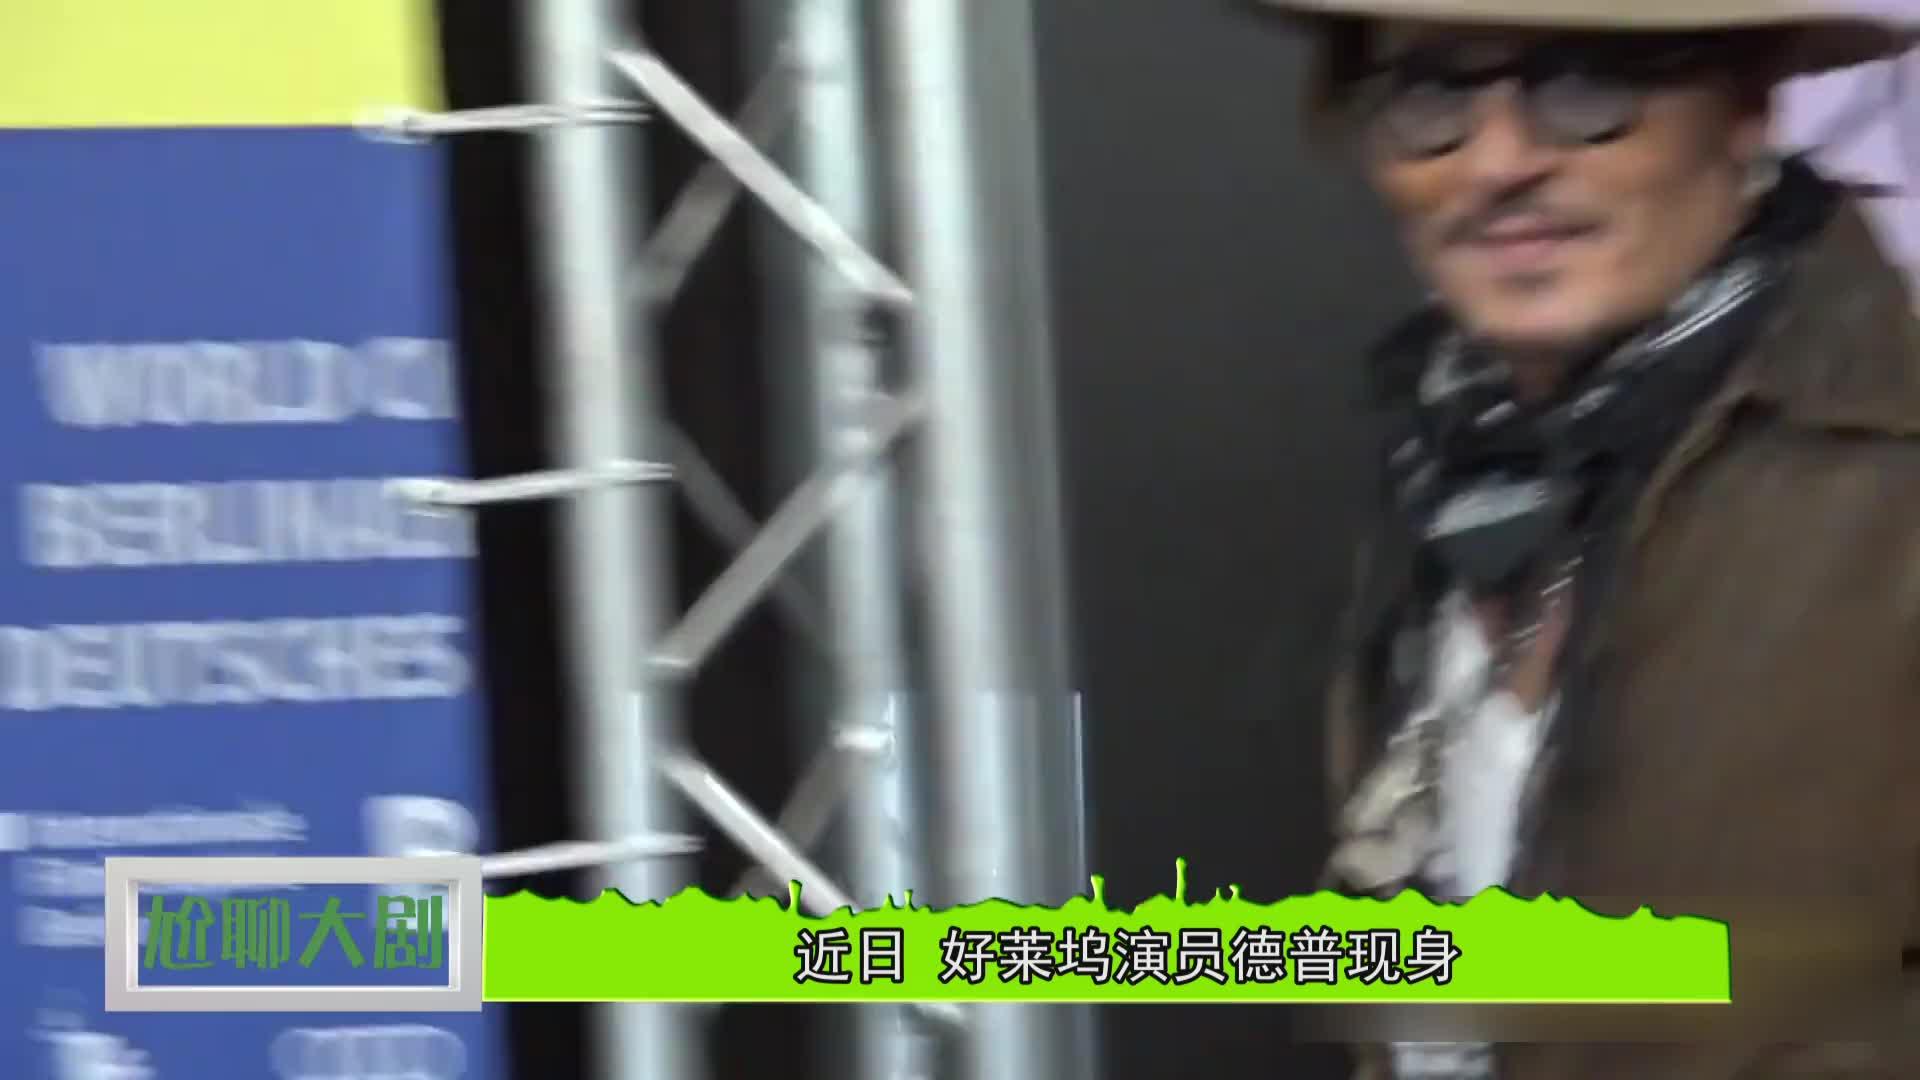 约翰尼德普亮相柏林电影节受影迷热烈欢迎现场俏皮口吞麦克风